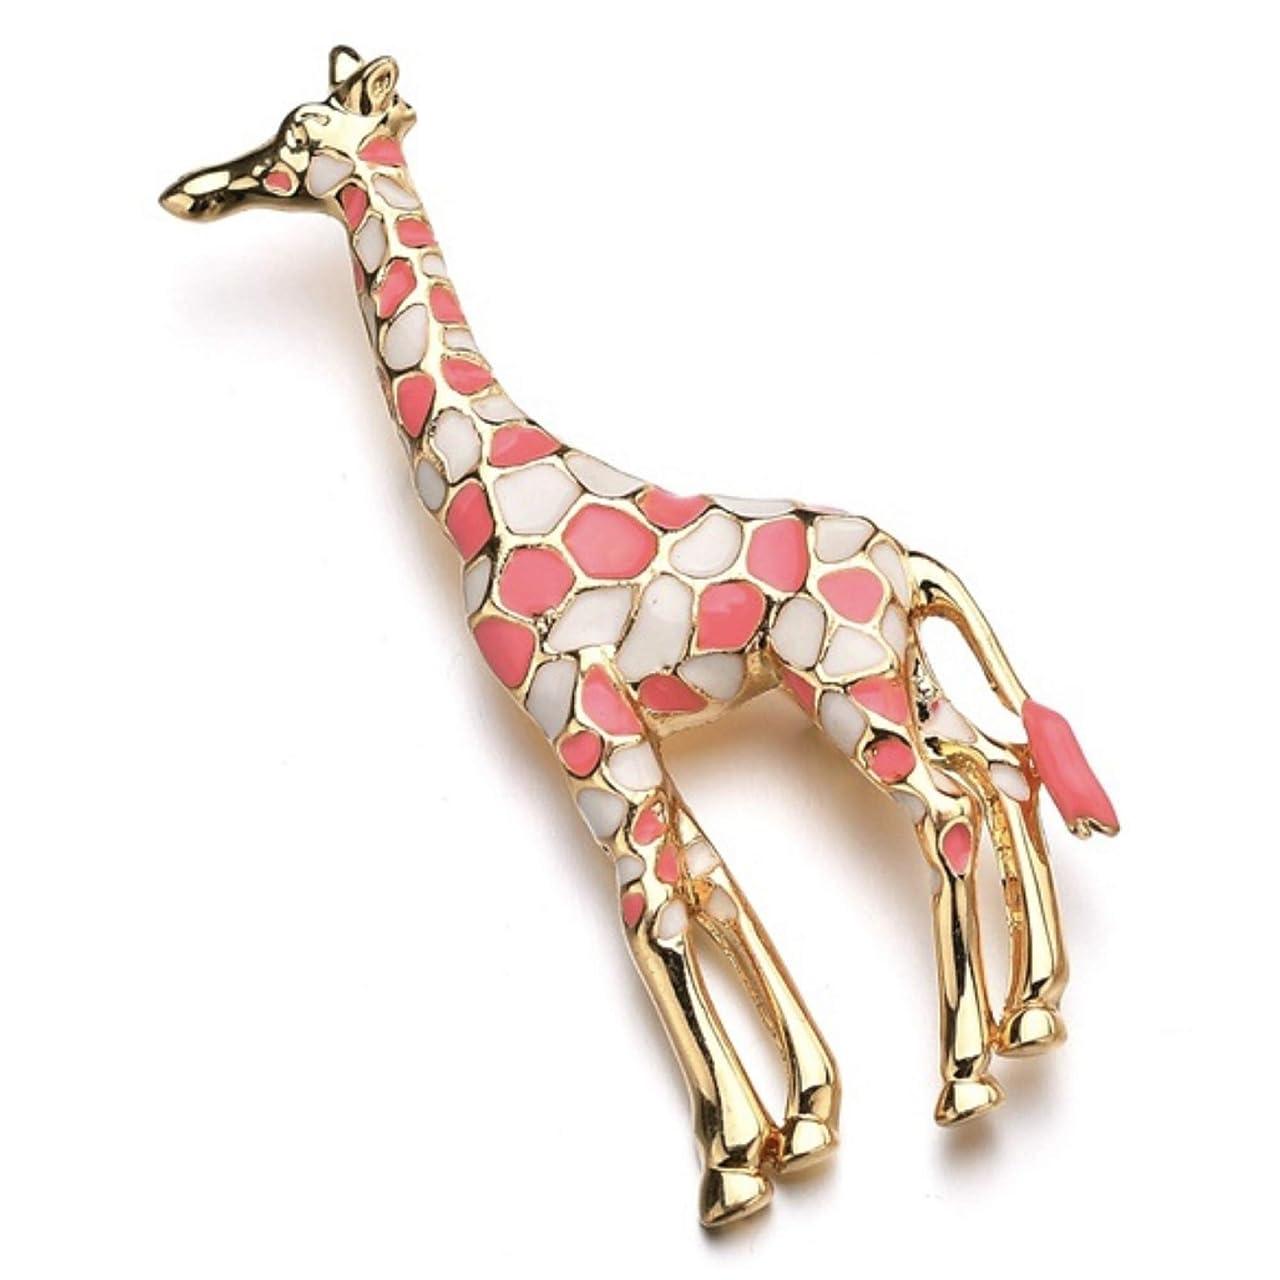 光沢挨拶に対処する[SENYON] ゴールドカラー キリン 動物 ブローチピン (ピンク)